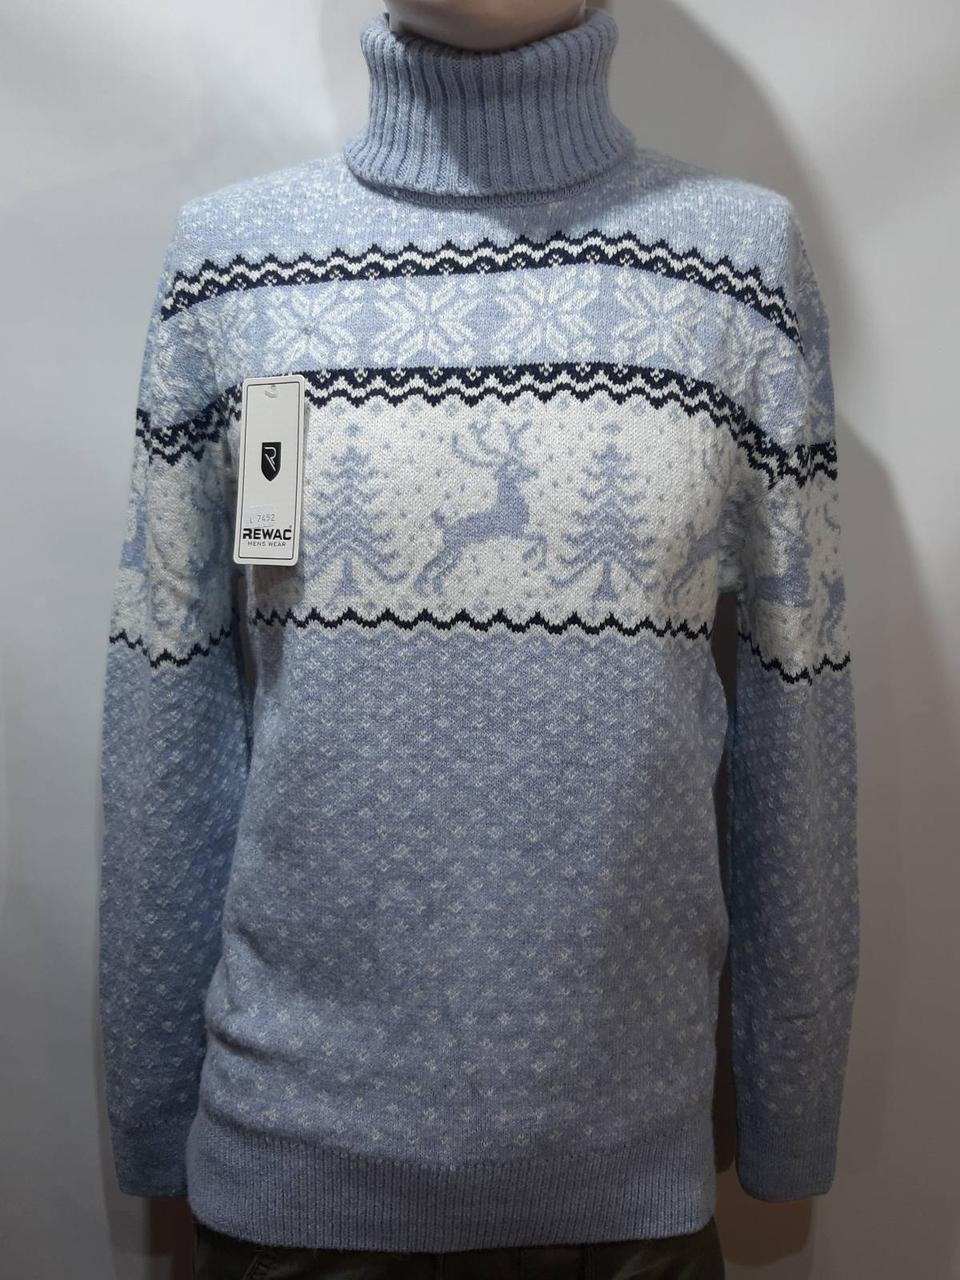 Мужской свитер с оленями новогодний Rewac под горло Турецкий качественный гольф Голубой